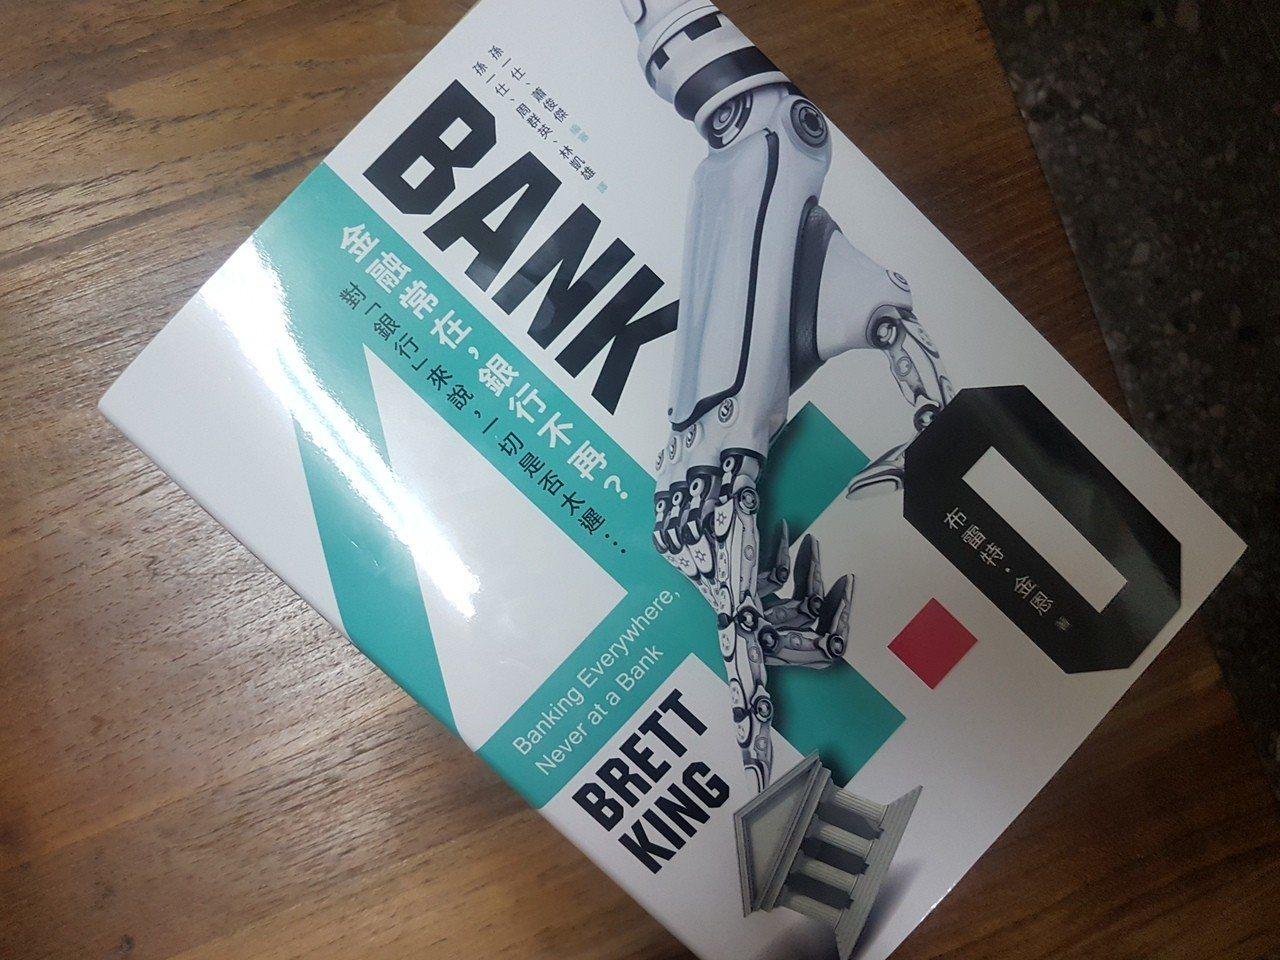 Bank4.0作者Brett King將參與台北金融科技展並發表演講。記者孫中英...